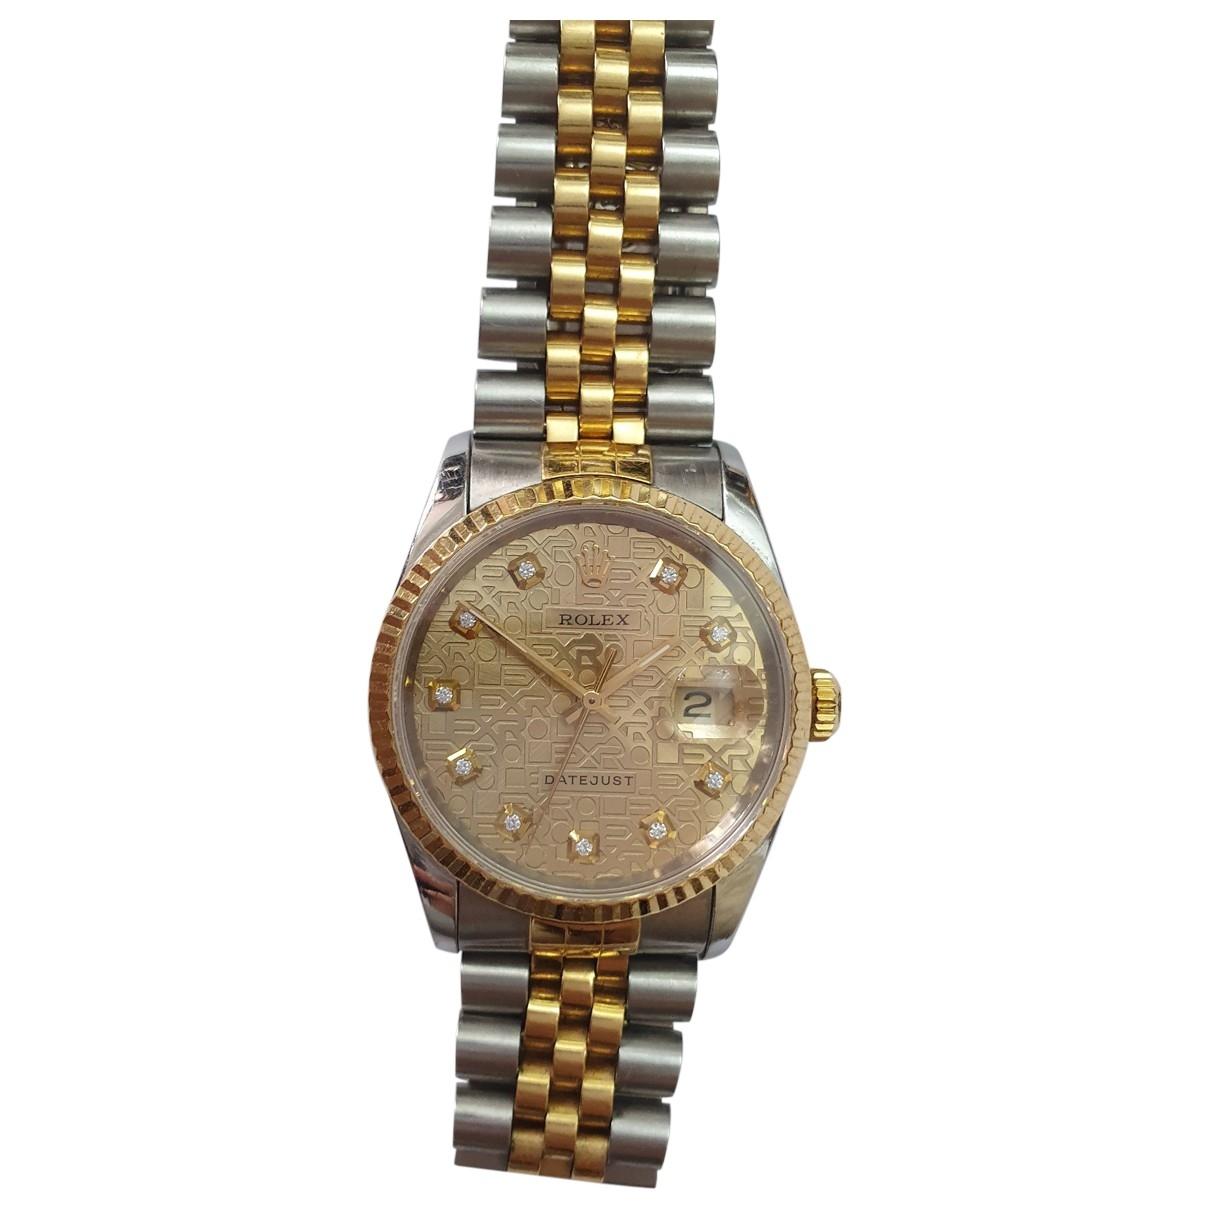 Rolex Datejust 36mm Uhr in  Silber Gold und Stahl